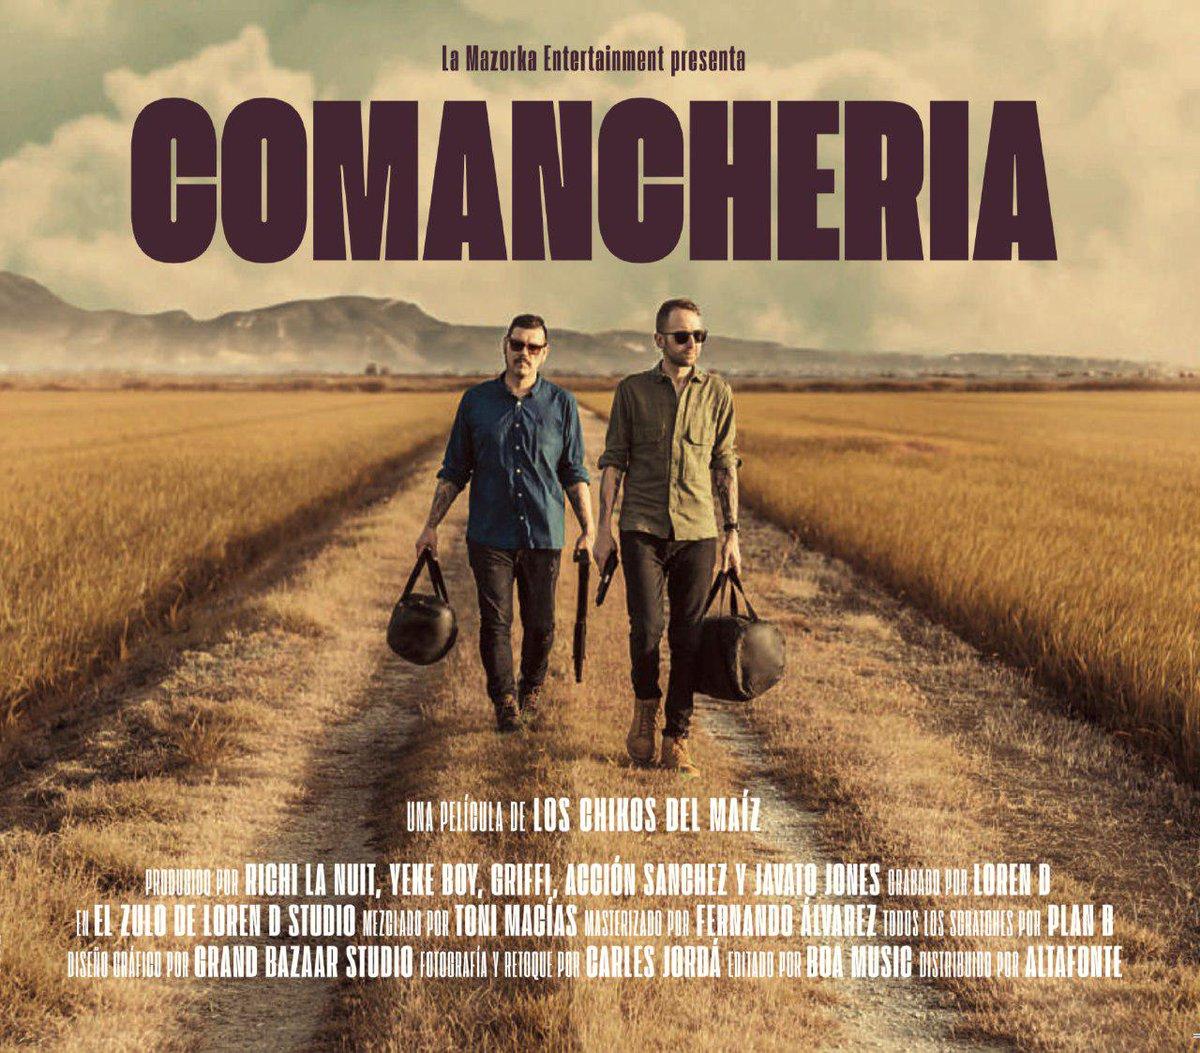 Los chikos del maíz - Comanchería (Tracklist)